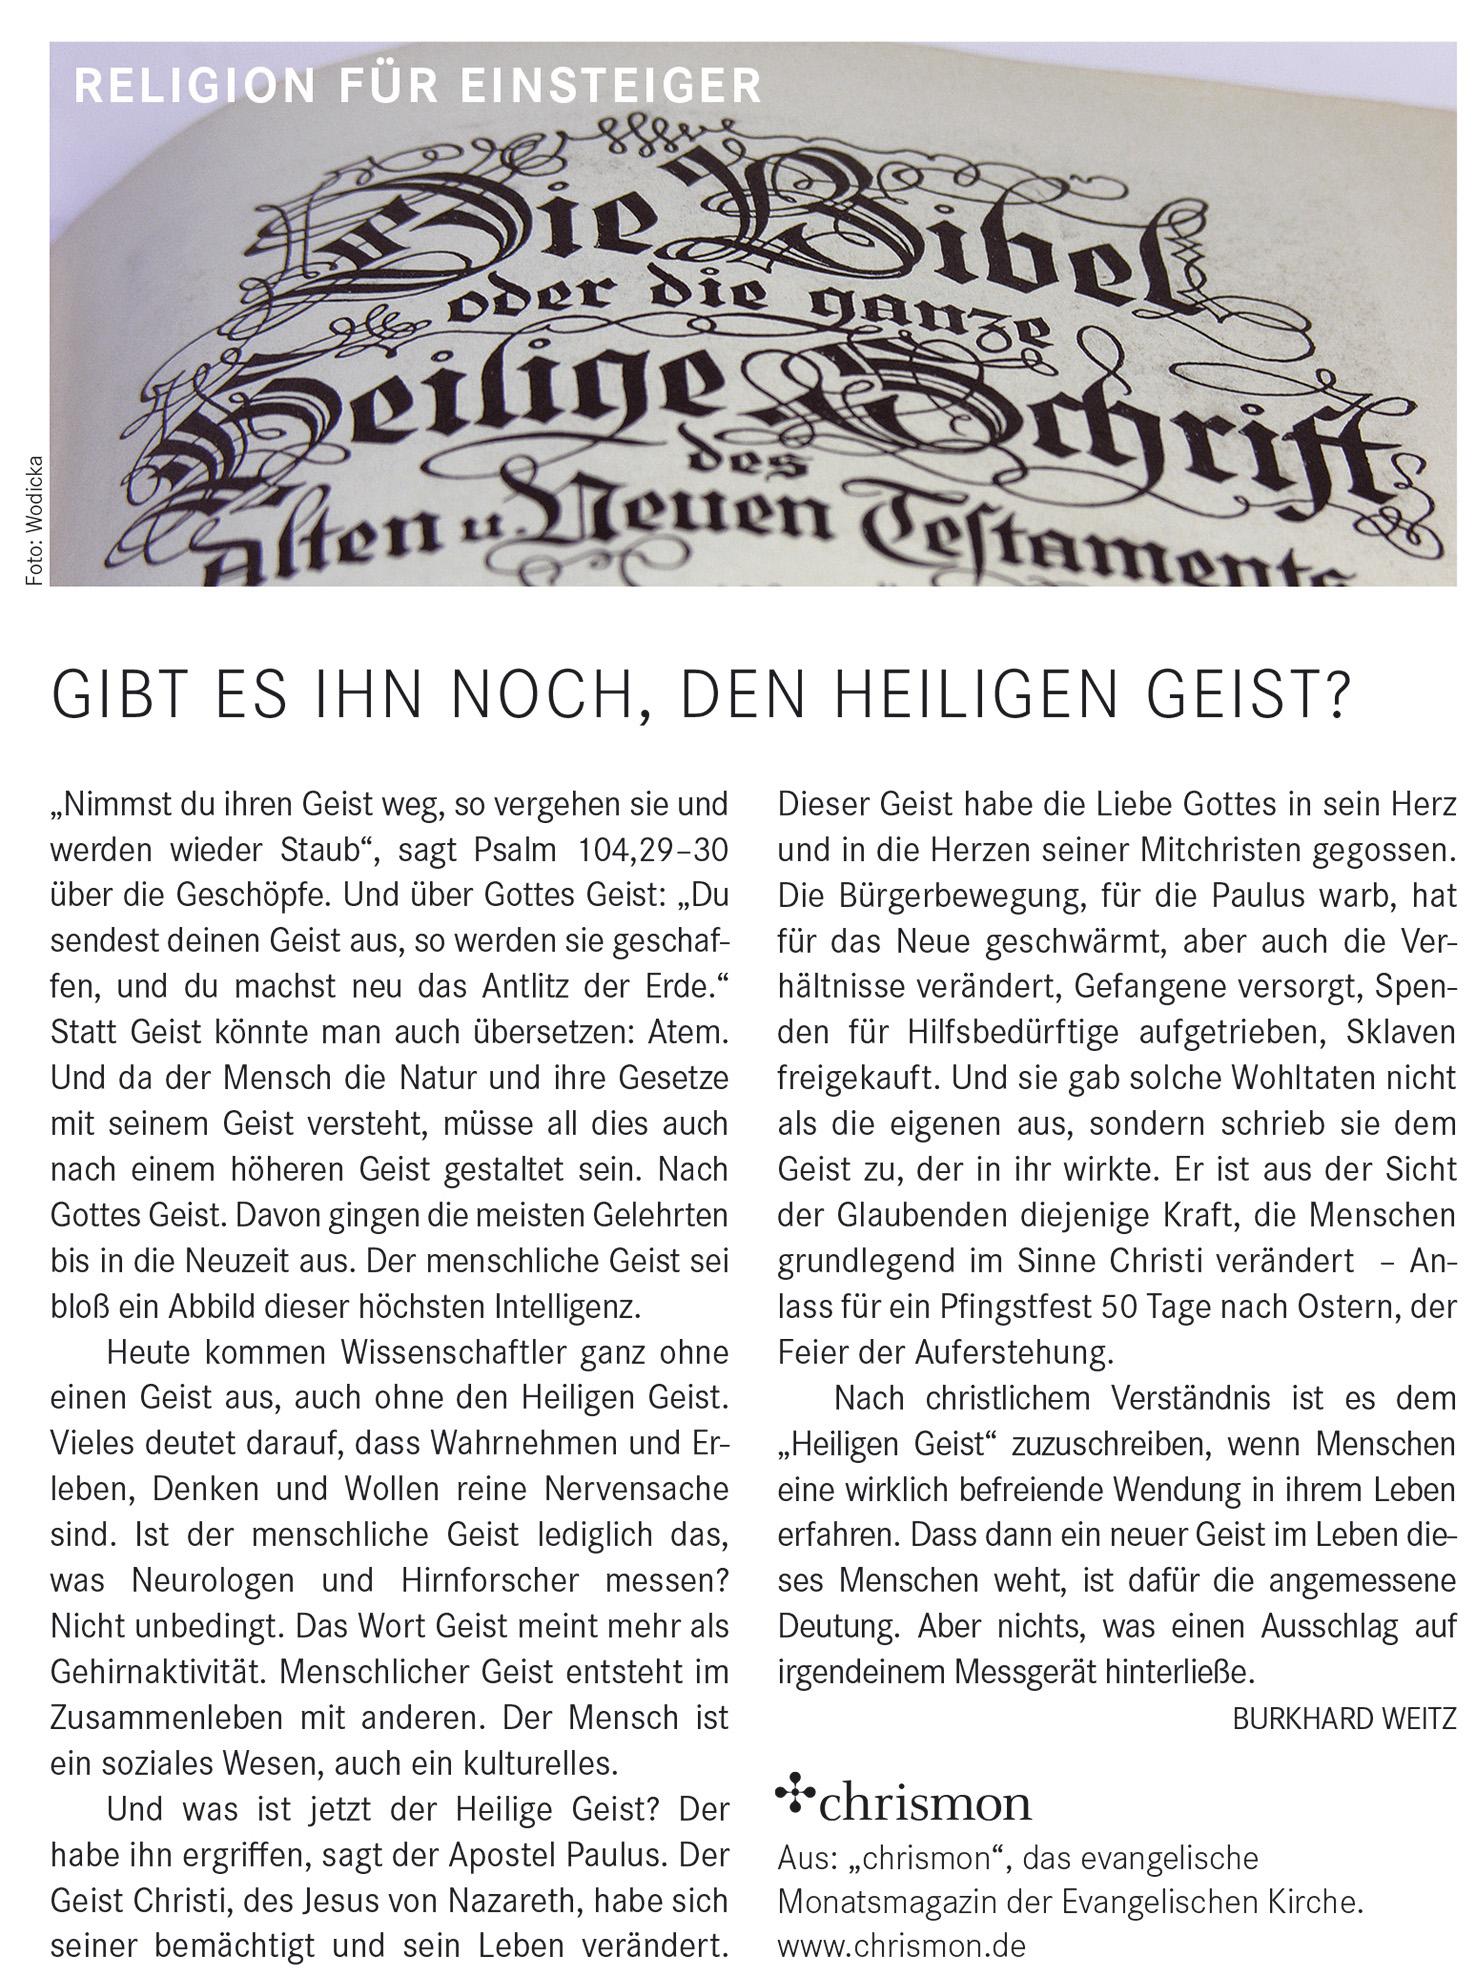 Heiliger Geist GB_3-2015 S_31-43 Nachdrukteil.indd